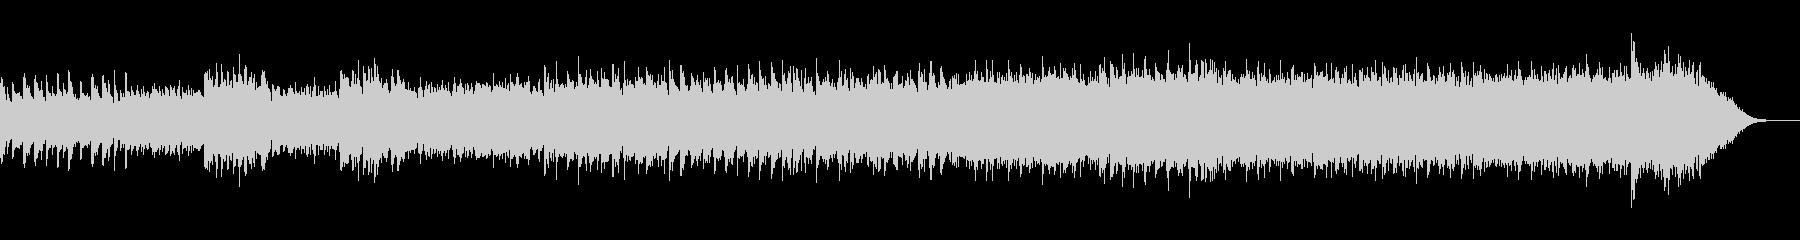 幻想的で哀愁のあるハープシコード入り曲の未再生の波形